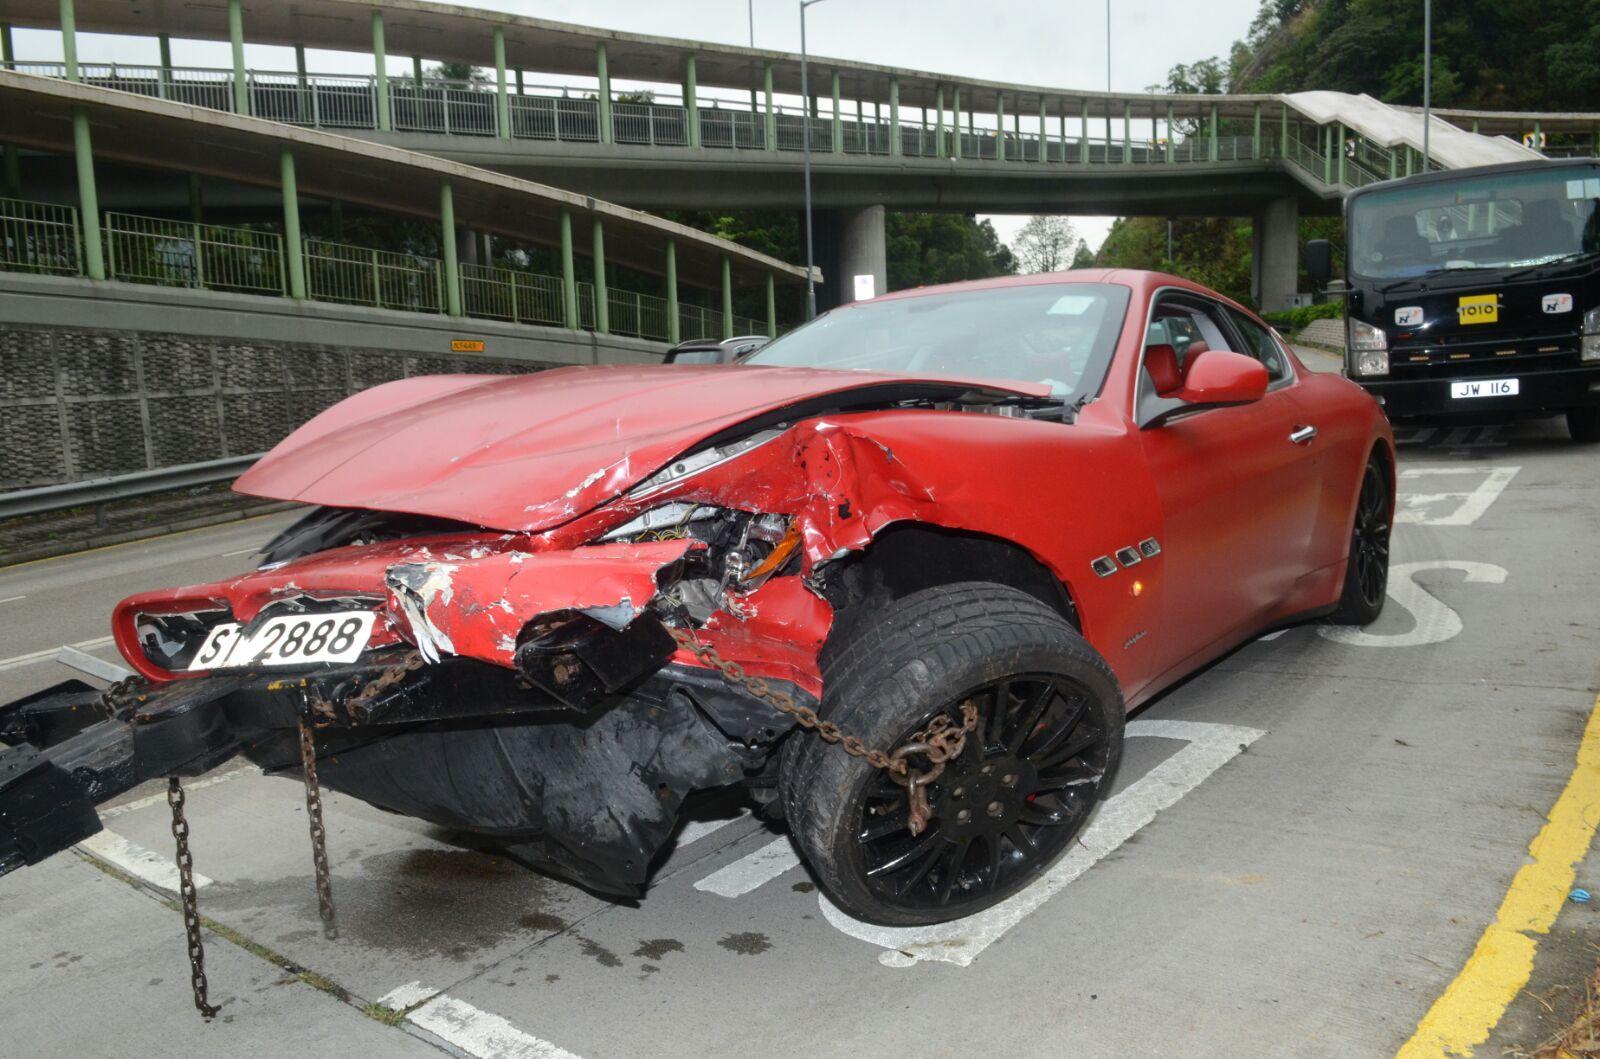 瑪莎拉蒂車頭嚴重損毀。 蔡輝楚攝